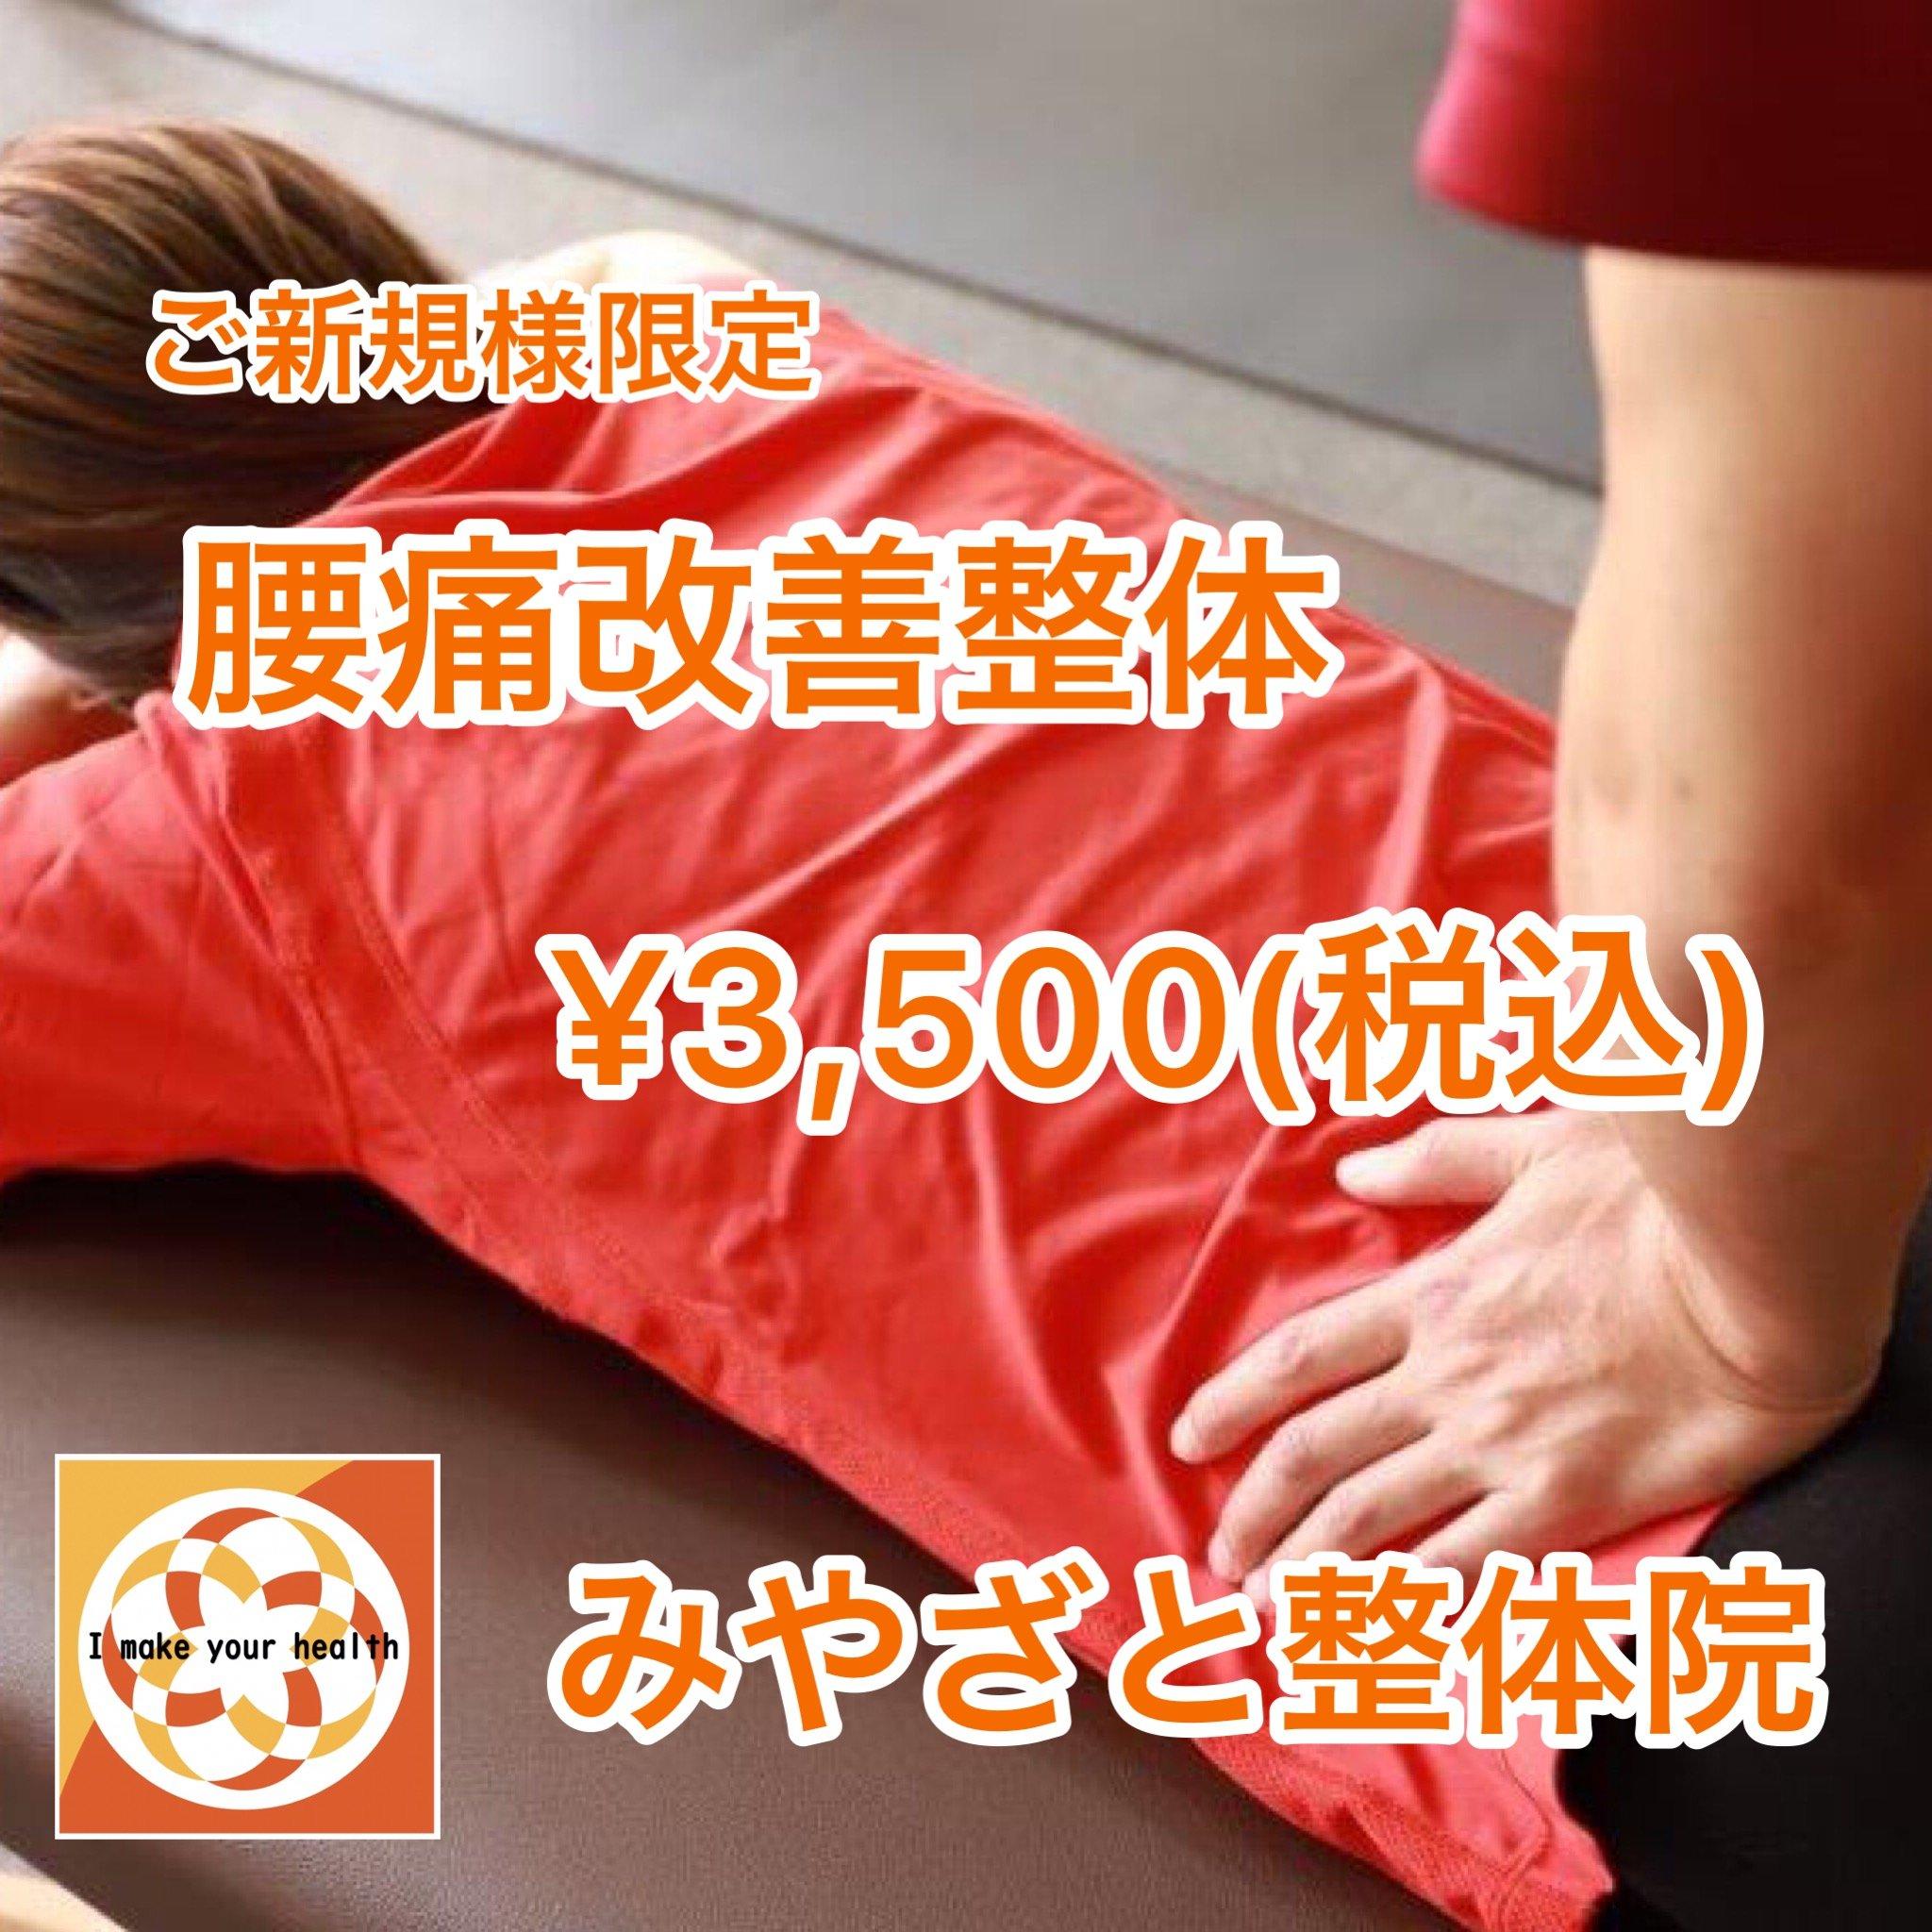 【ご新規様限定】腰痛改善整体お試しチケット◆現地払い限定◆のイメージその1